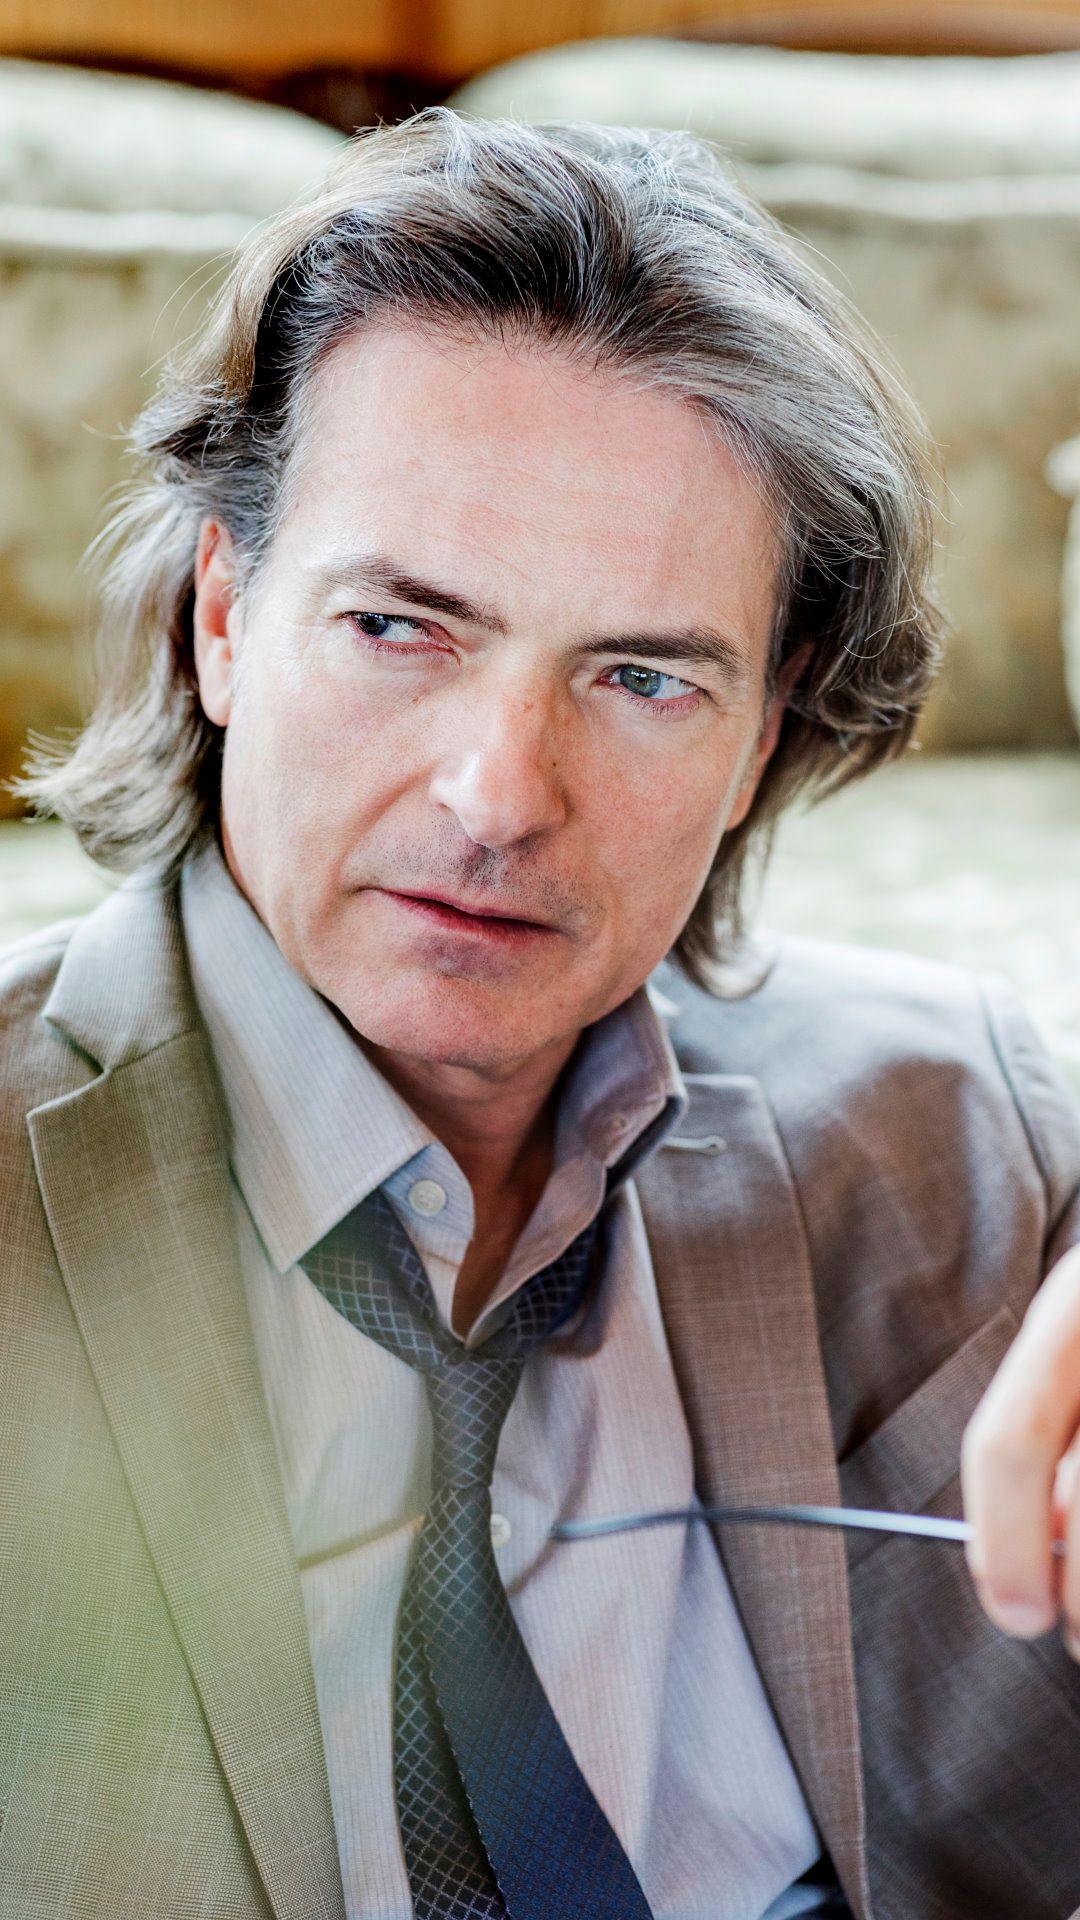 Pascal Breuer